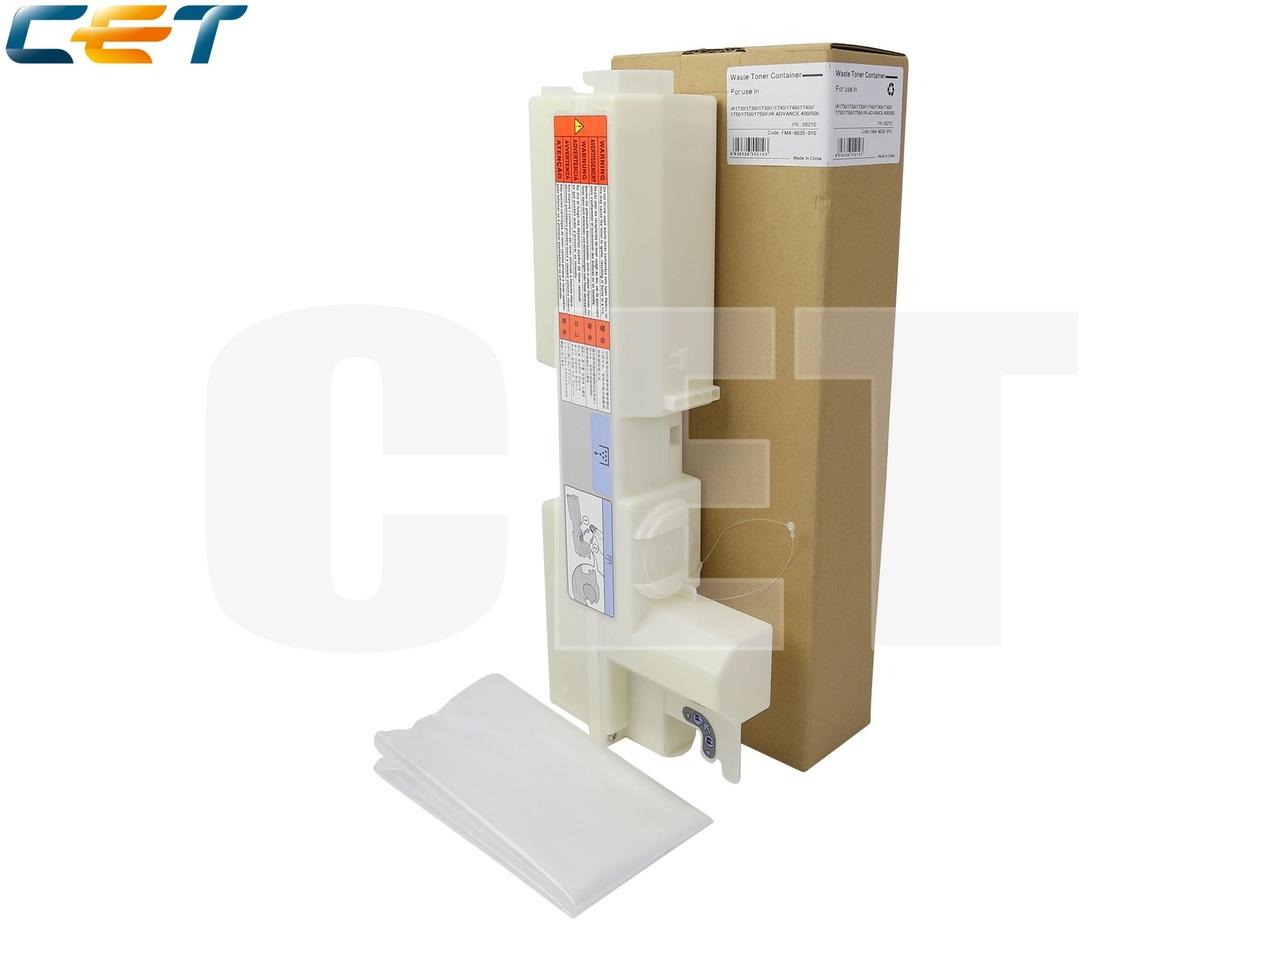 Бункер отработанного тонера FM4-8035-010 для CANONiR1730/1740/1750/iR ADVANCE 400/500 (CET), CET5210